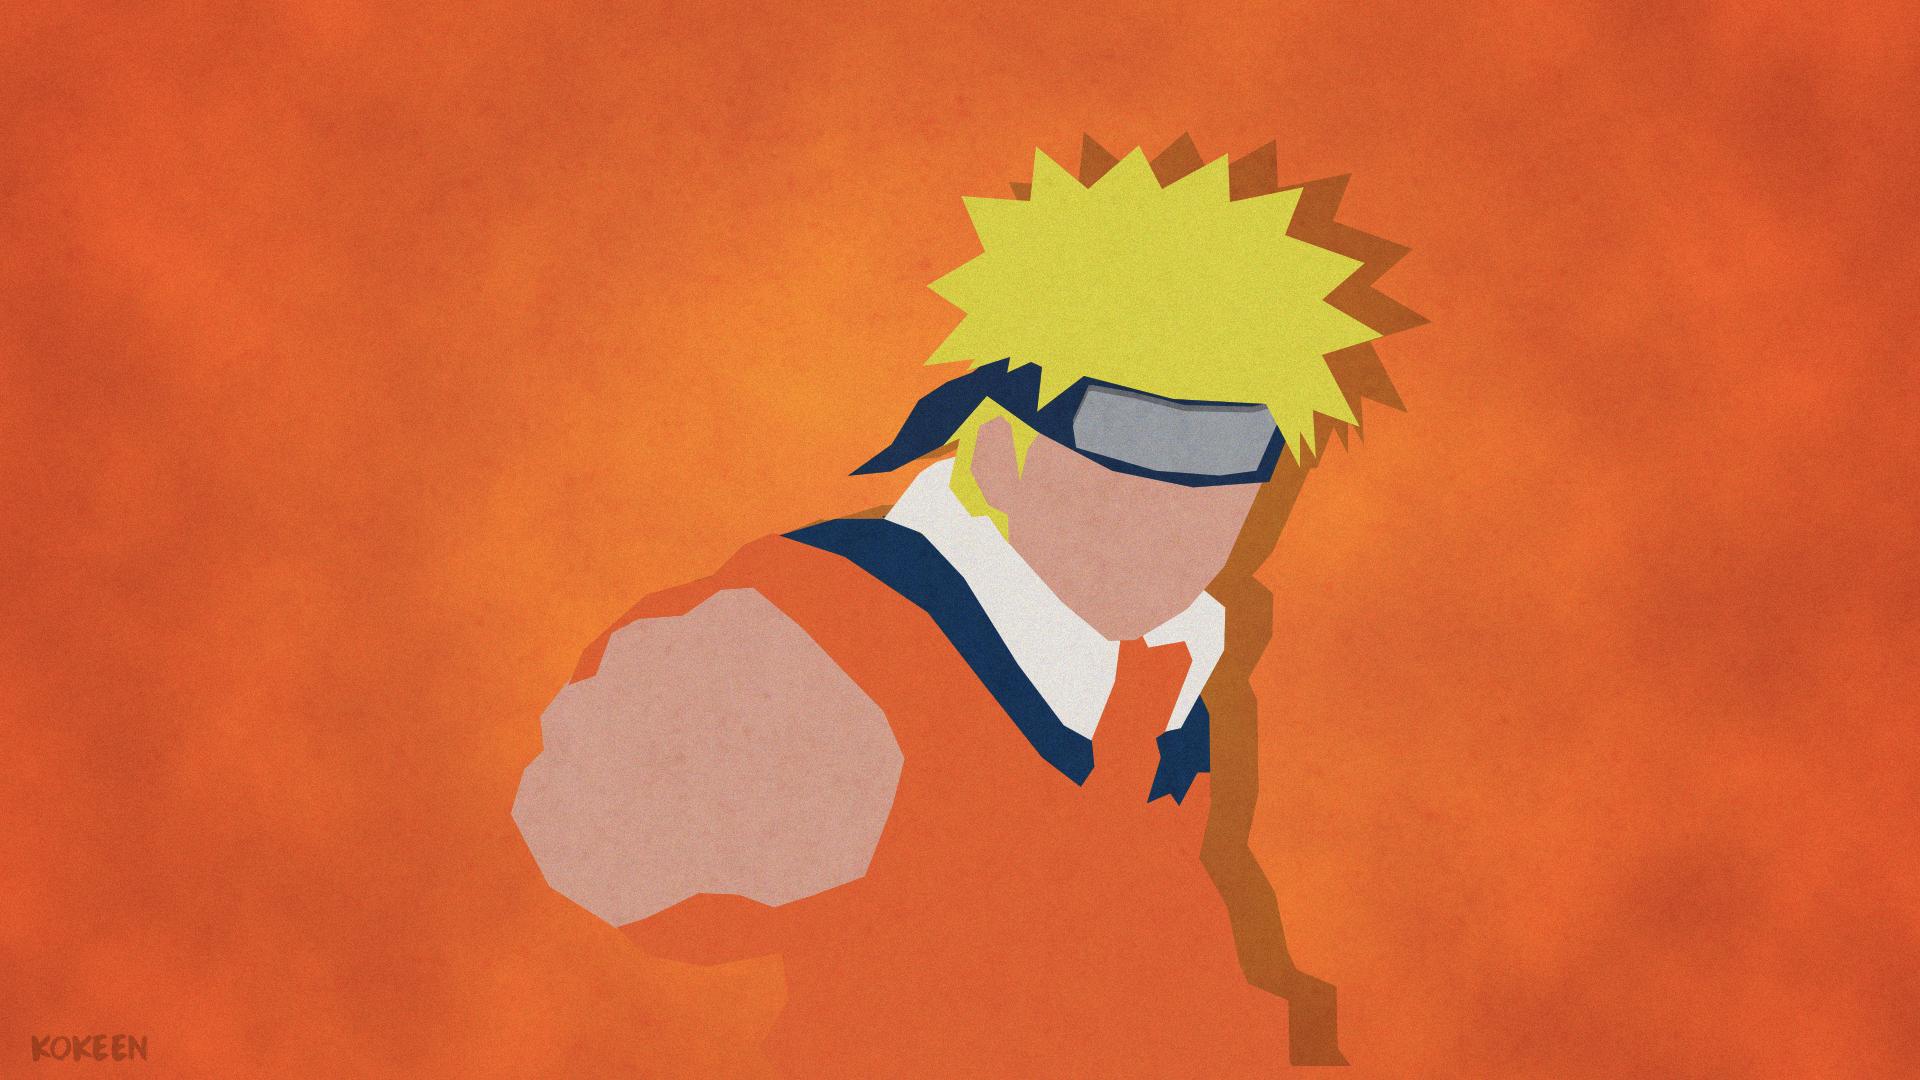 Naruto Minimalist Wallpaper With Images Naruto Wallpaper